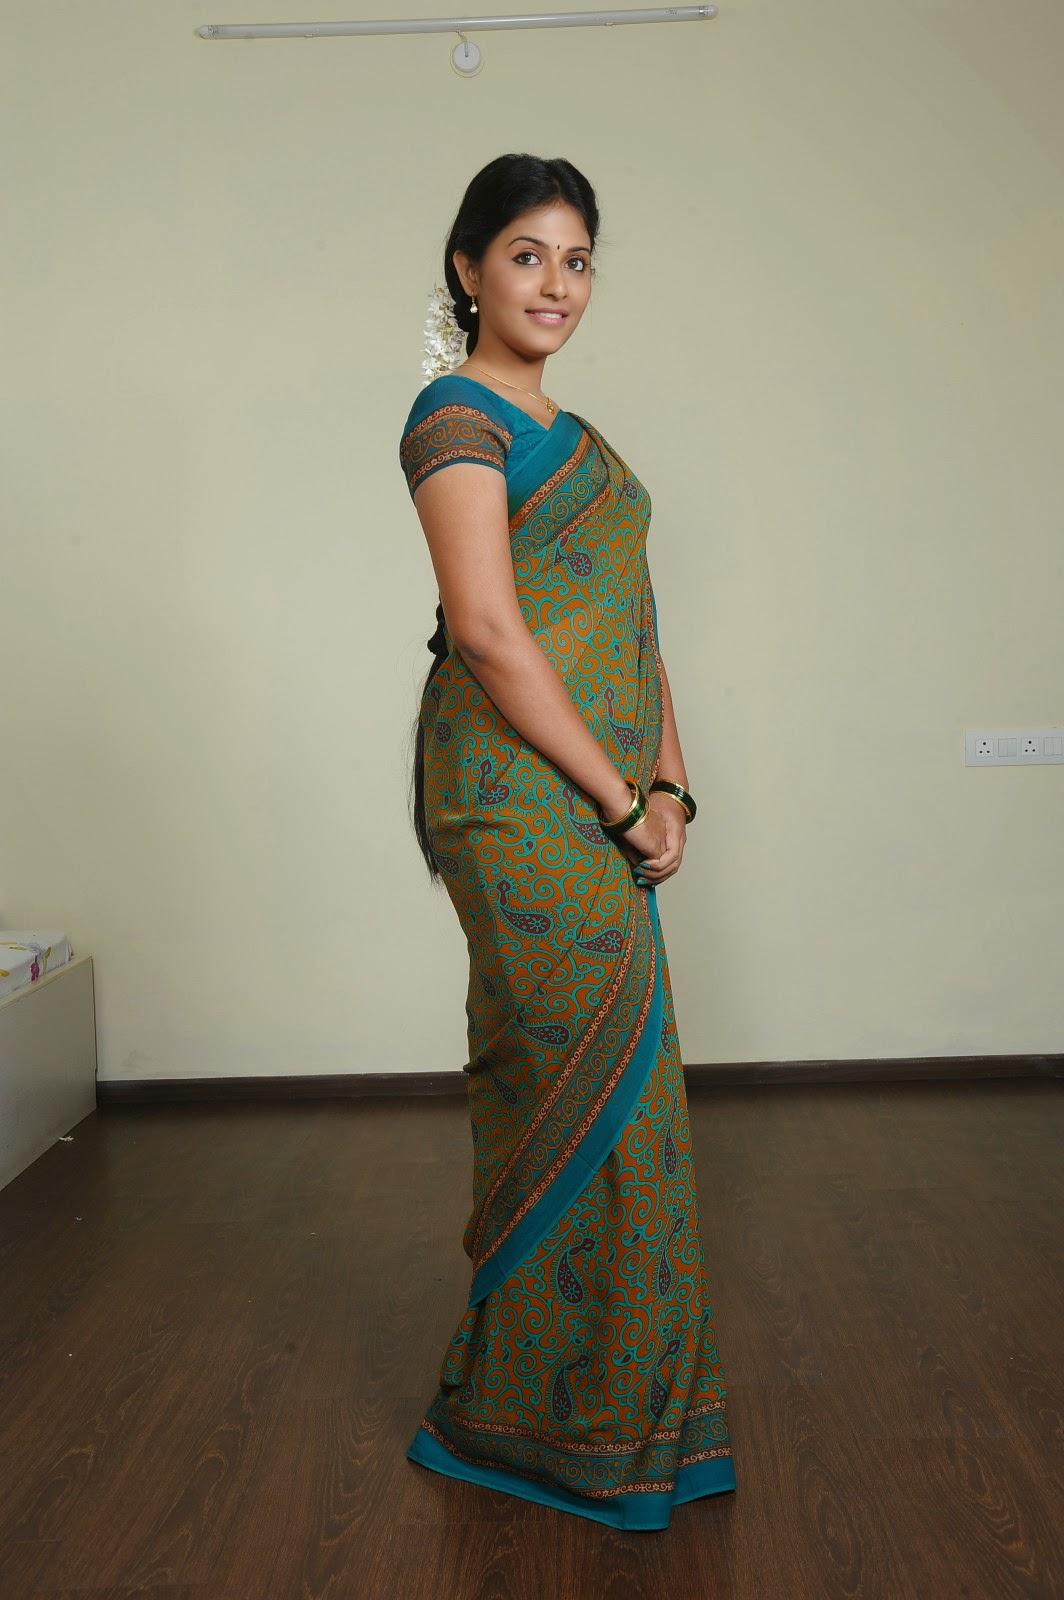 Cute Tamil Actress Wallpapers Anjali Cute Looks In Saree Photos